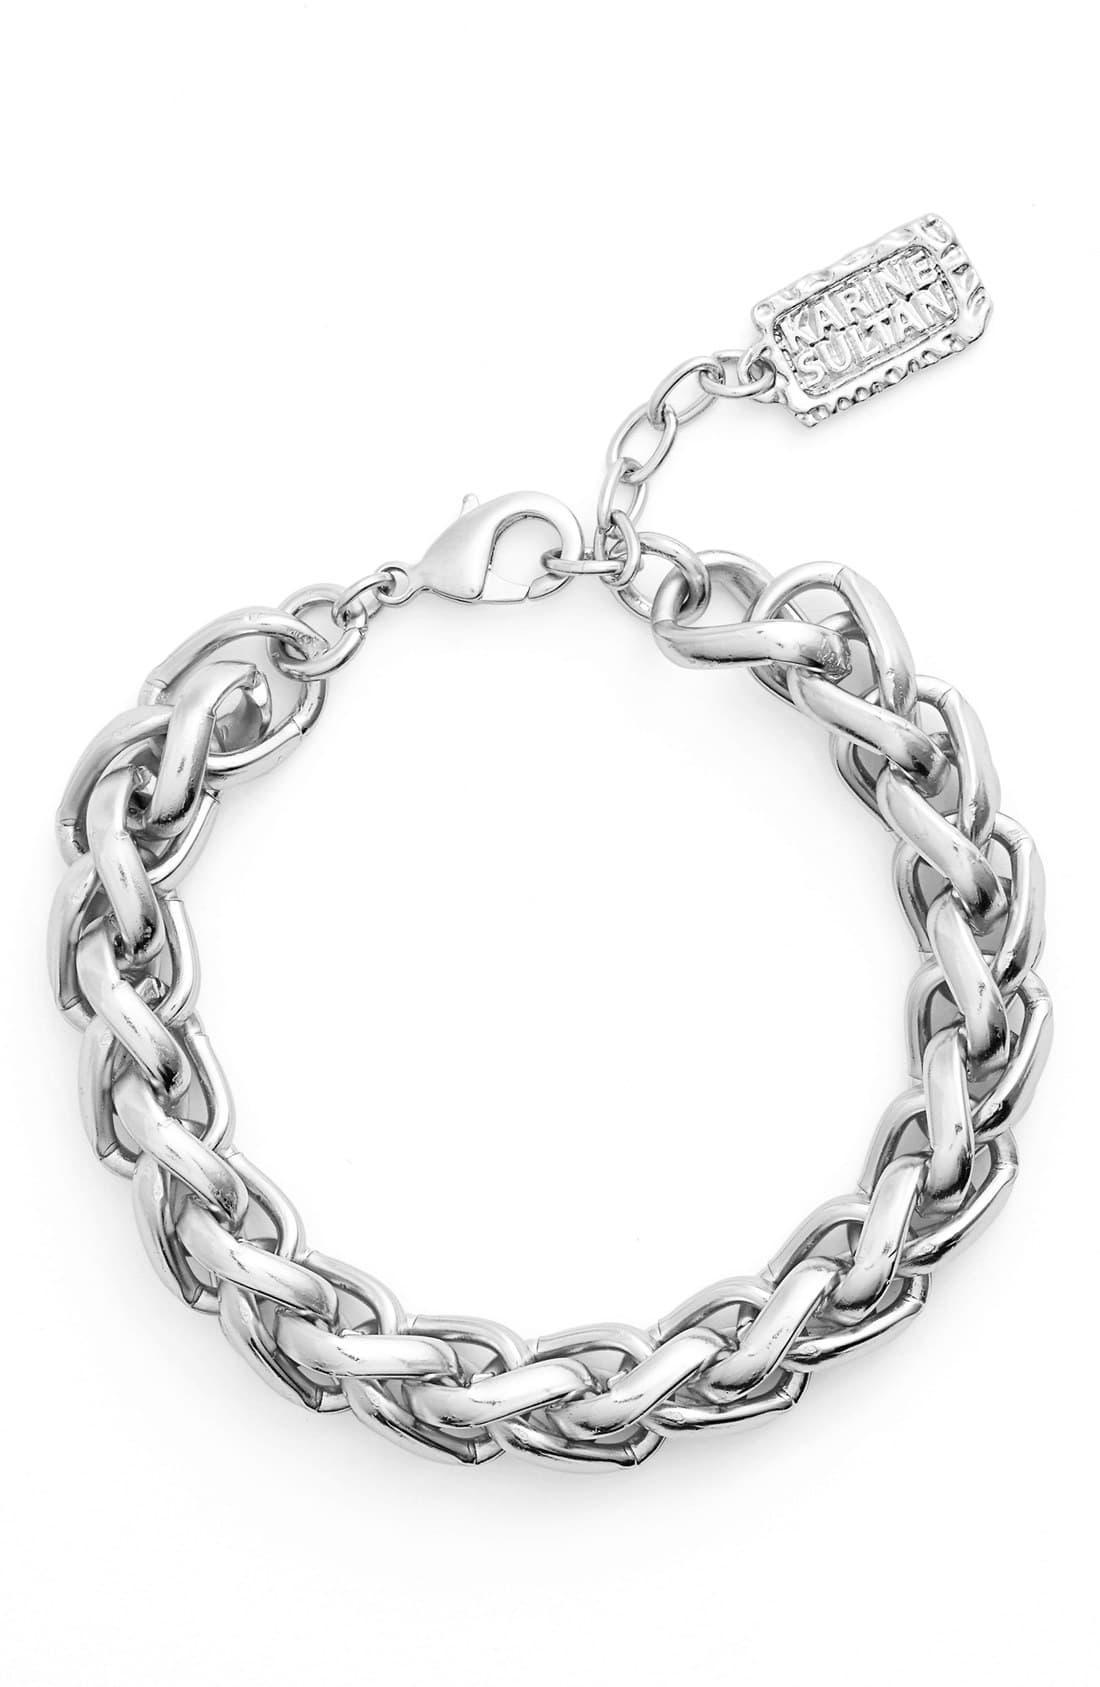 Karine Sultan Braided Link Bracelet In Metallic